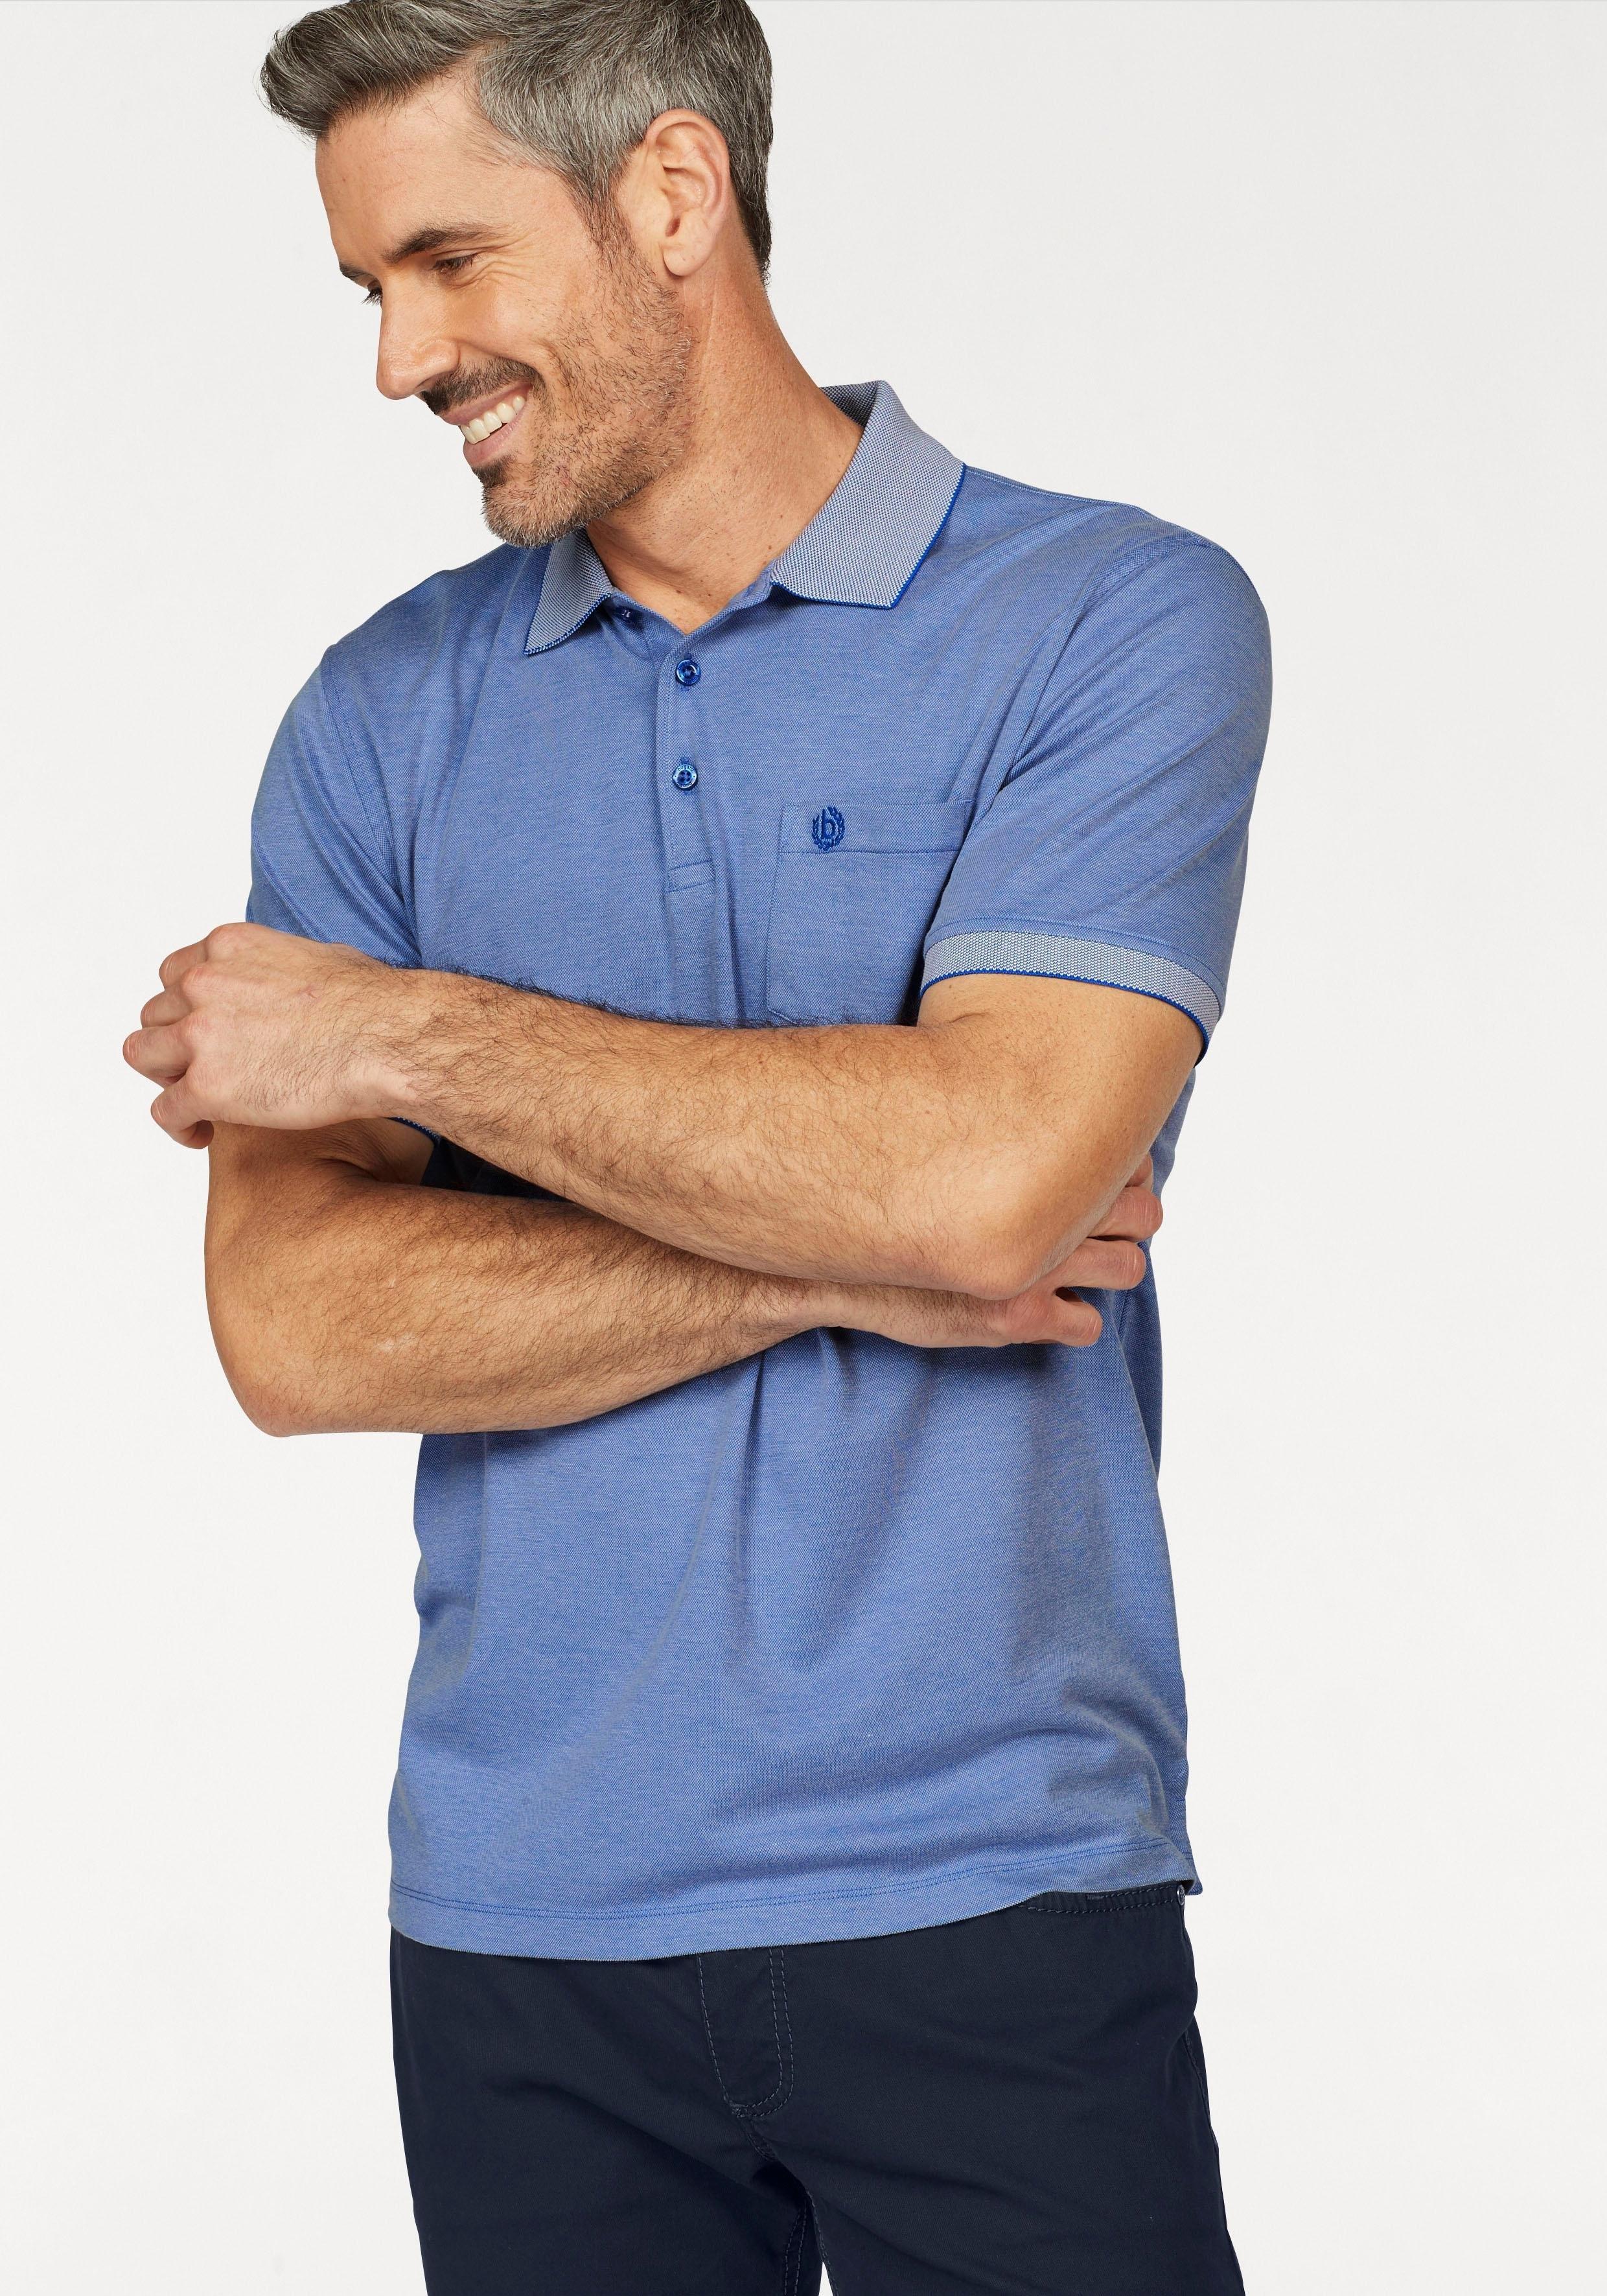 c2d9cc5207 Lacoste Polo Shirts Big And Tall | Azərbaycan Dillər Universiteti